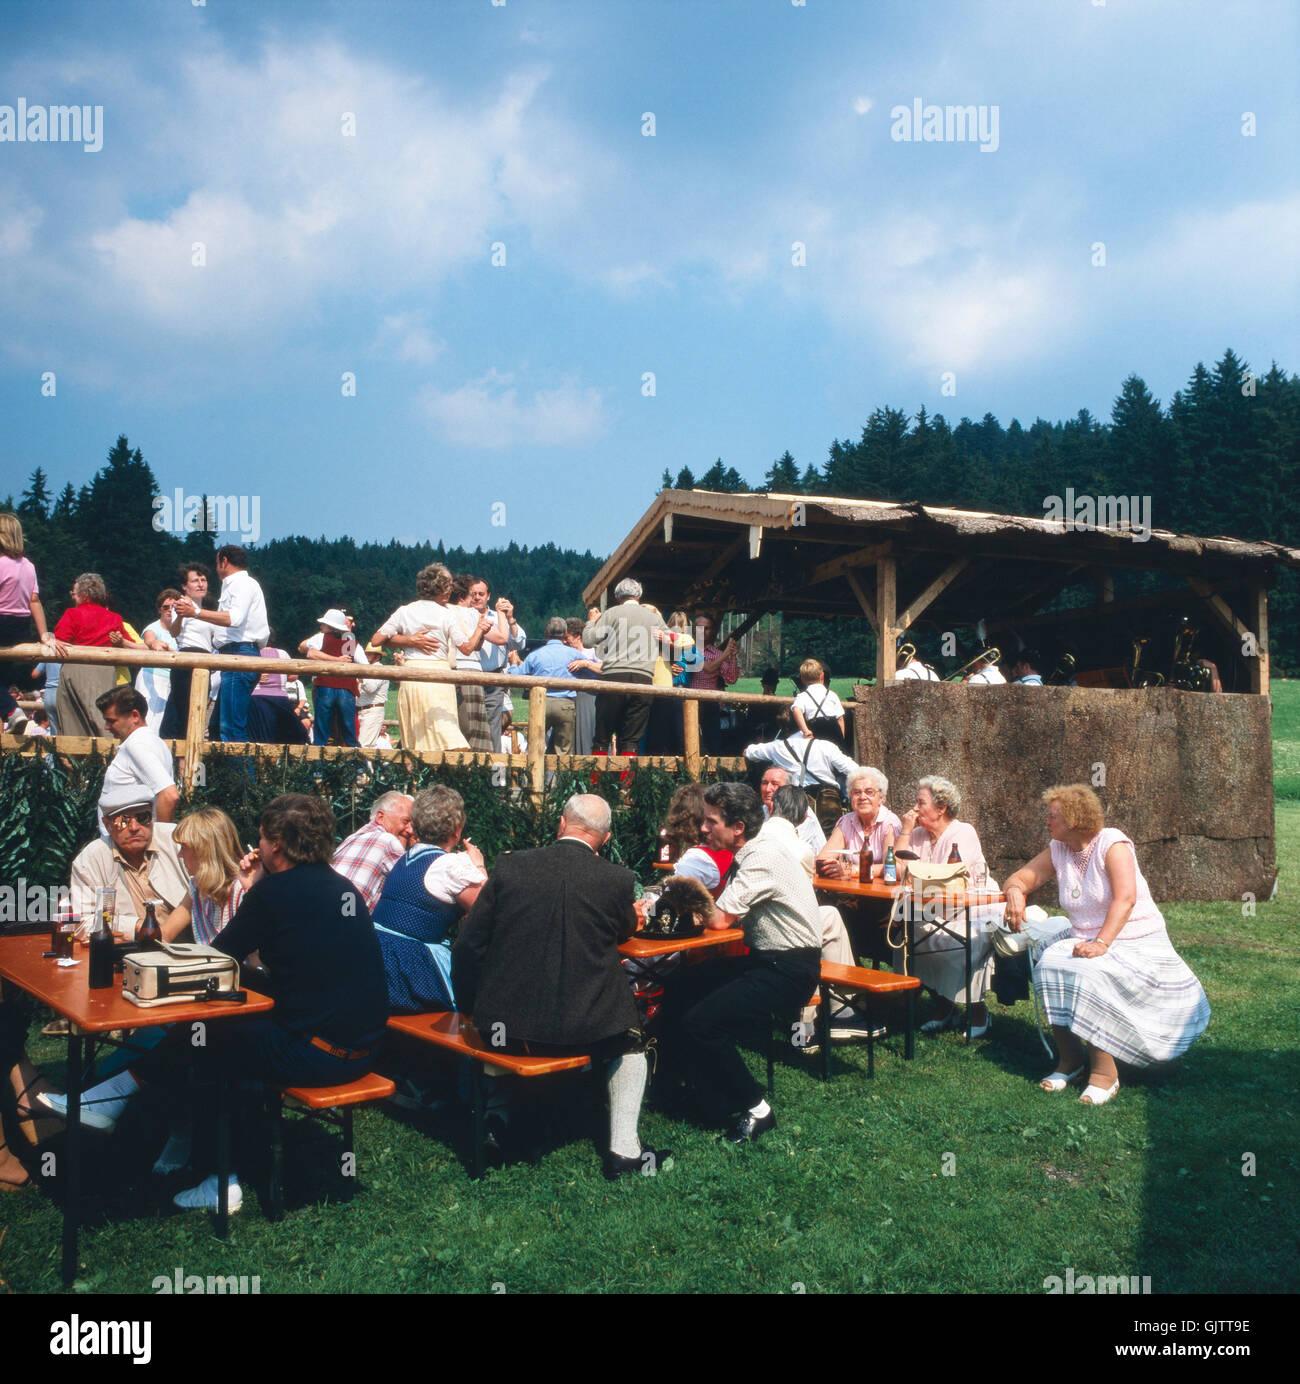 Oberbayern, Landkreis Traunstein, 1980er. Volksfest in der Nähe von Inzell. Upper Bavaria, Traunstein county, - Stock Image